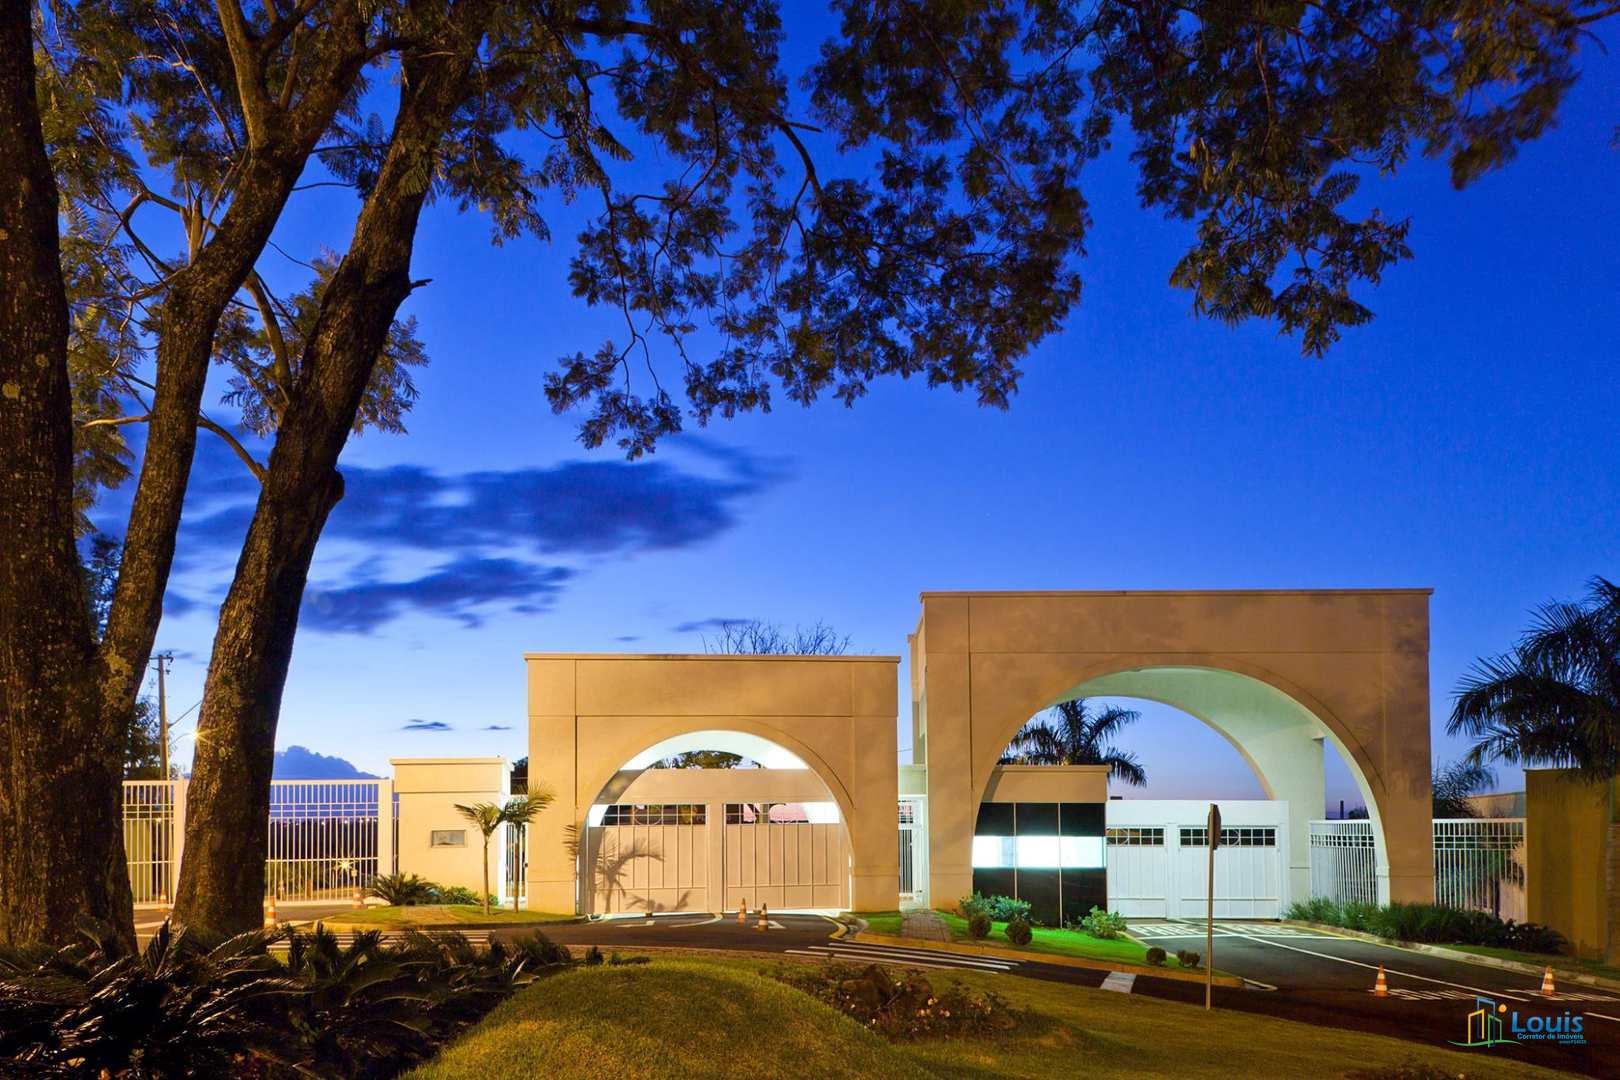 Terreno 533m² Cond. Royal Boulevard - Ibiporã